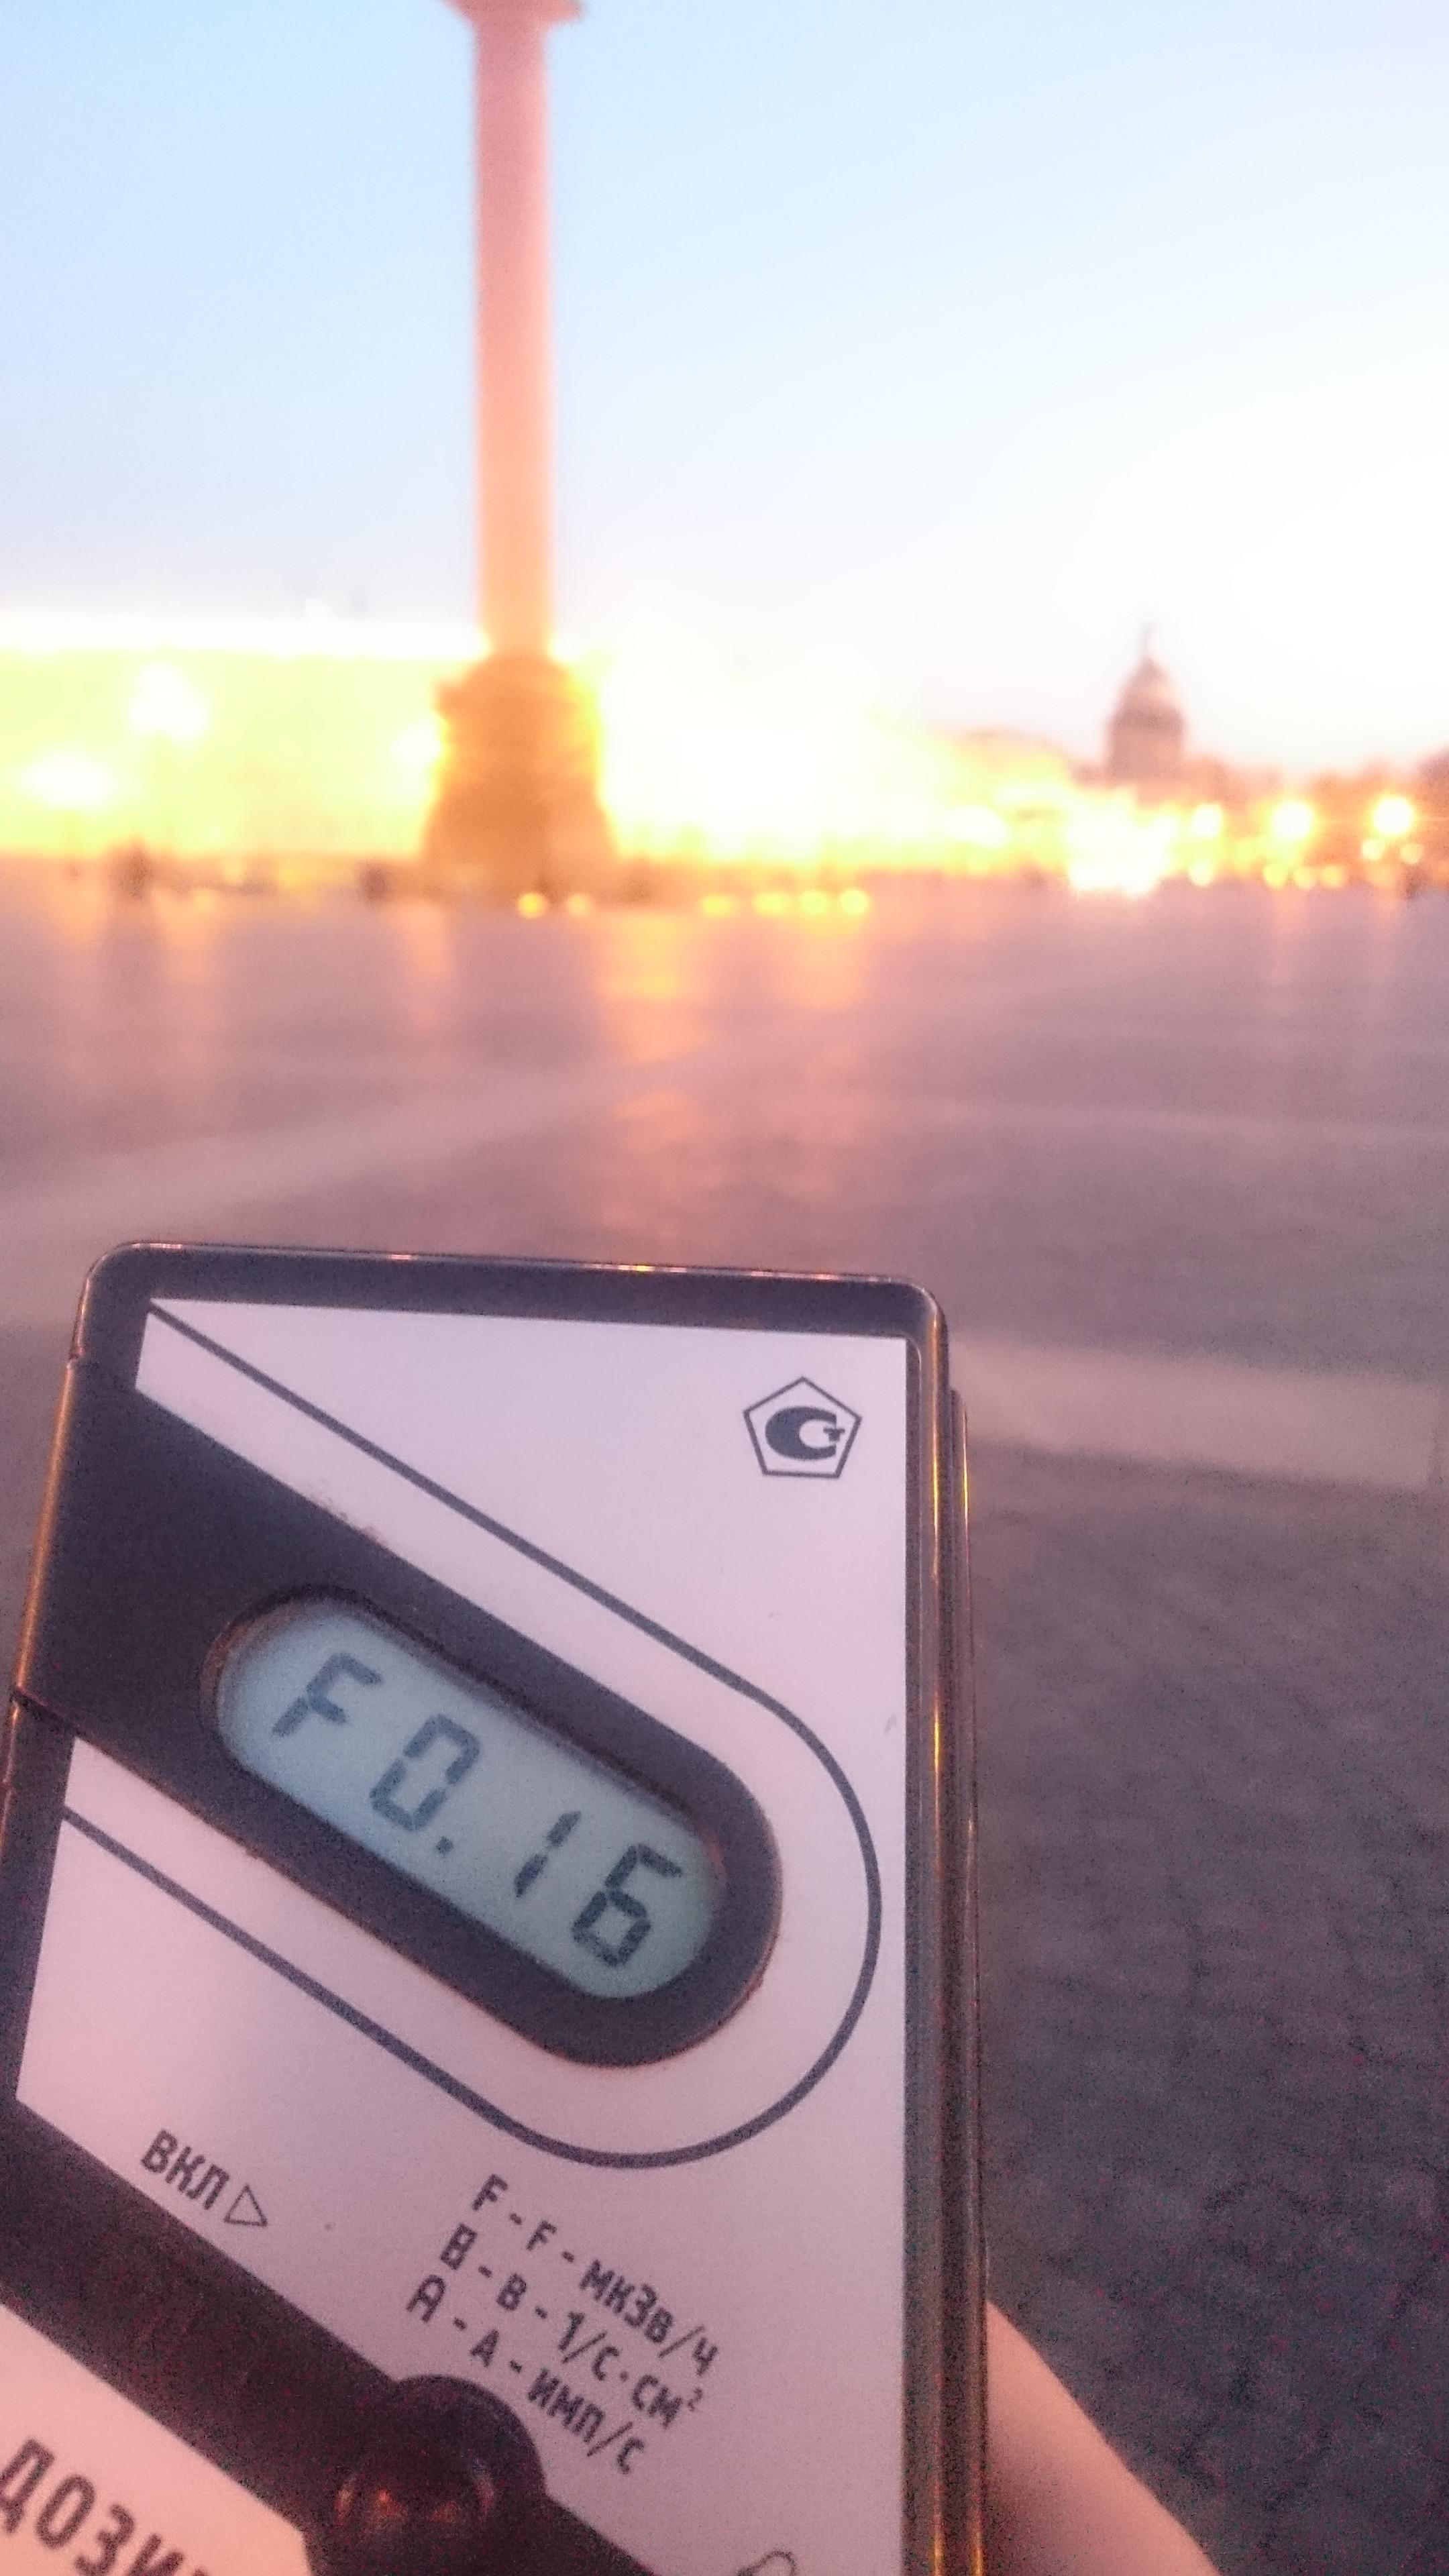 Точка измерения МЭД гамма-излучени на Дворцовой площади в Санкт-Петербурге